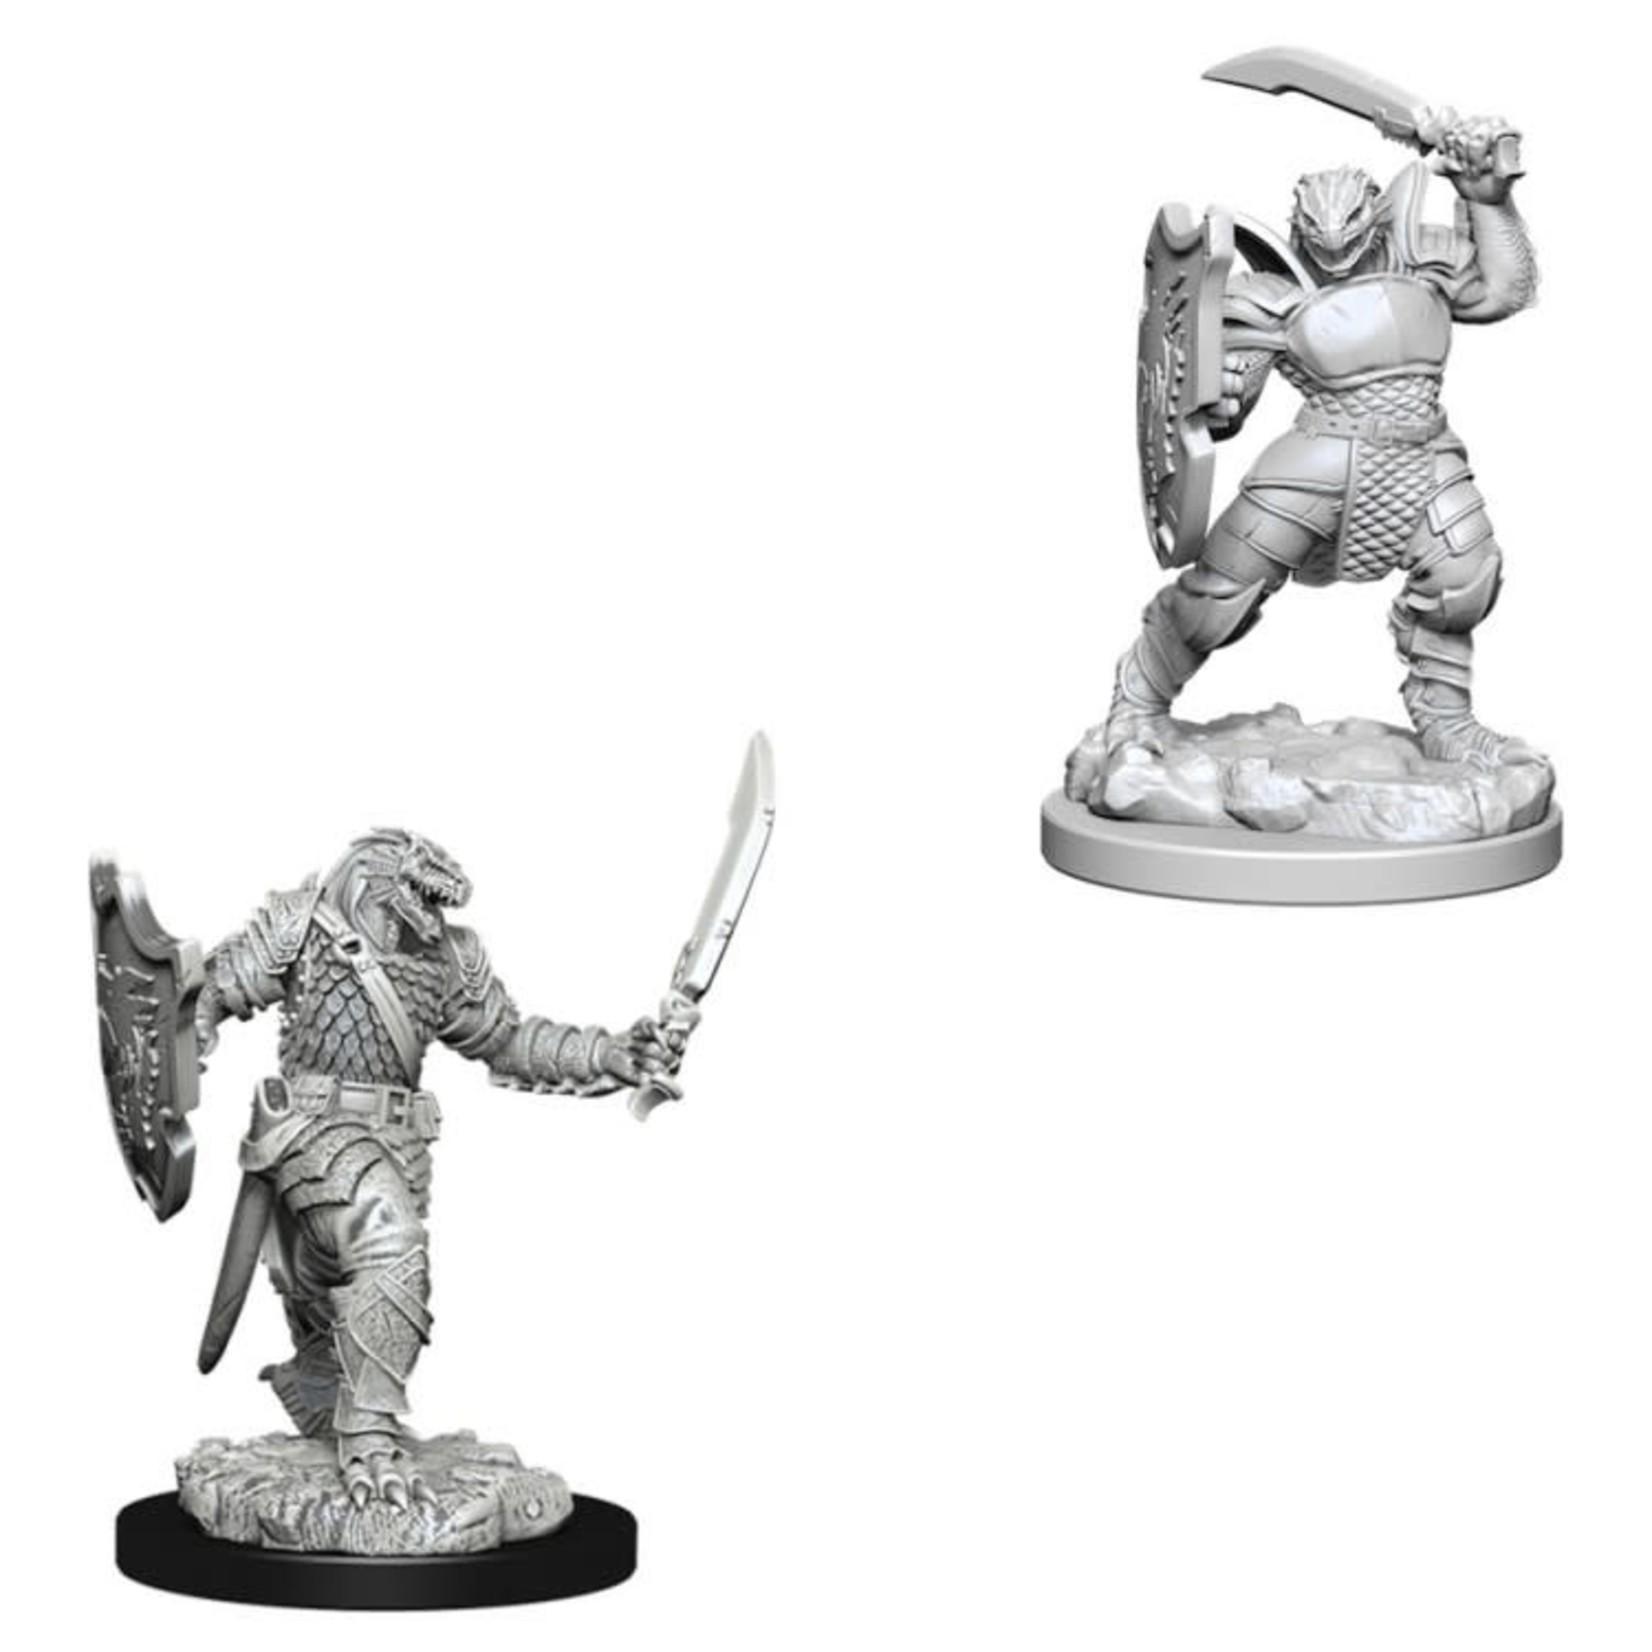 WizKids D&D Nolzur's Marvelous Miniatures: Dragonborn Paladin with Sword & Shield (W5)